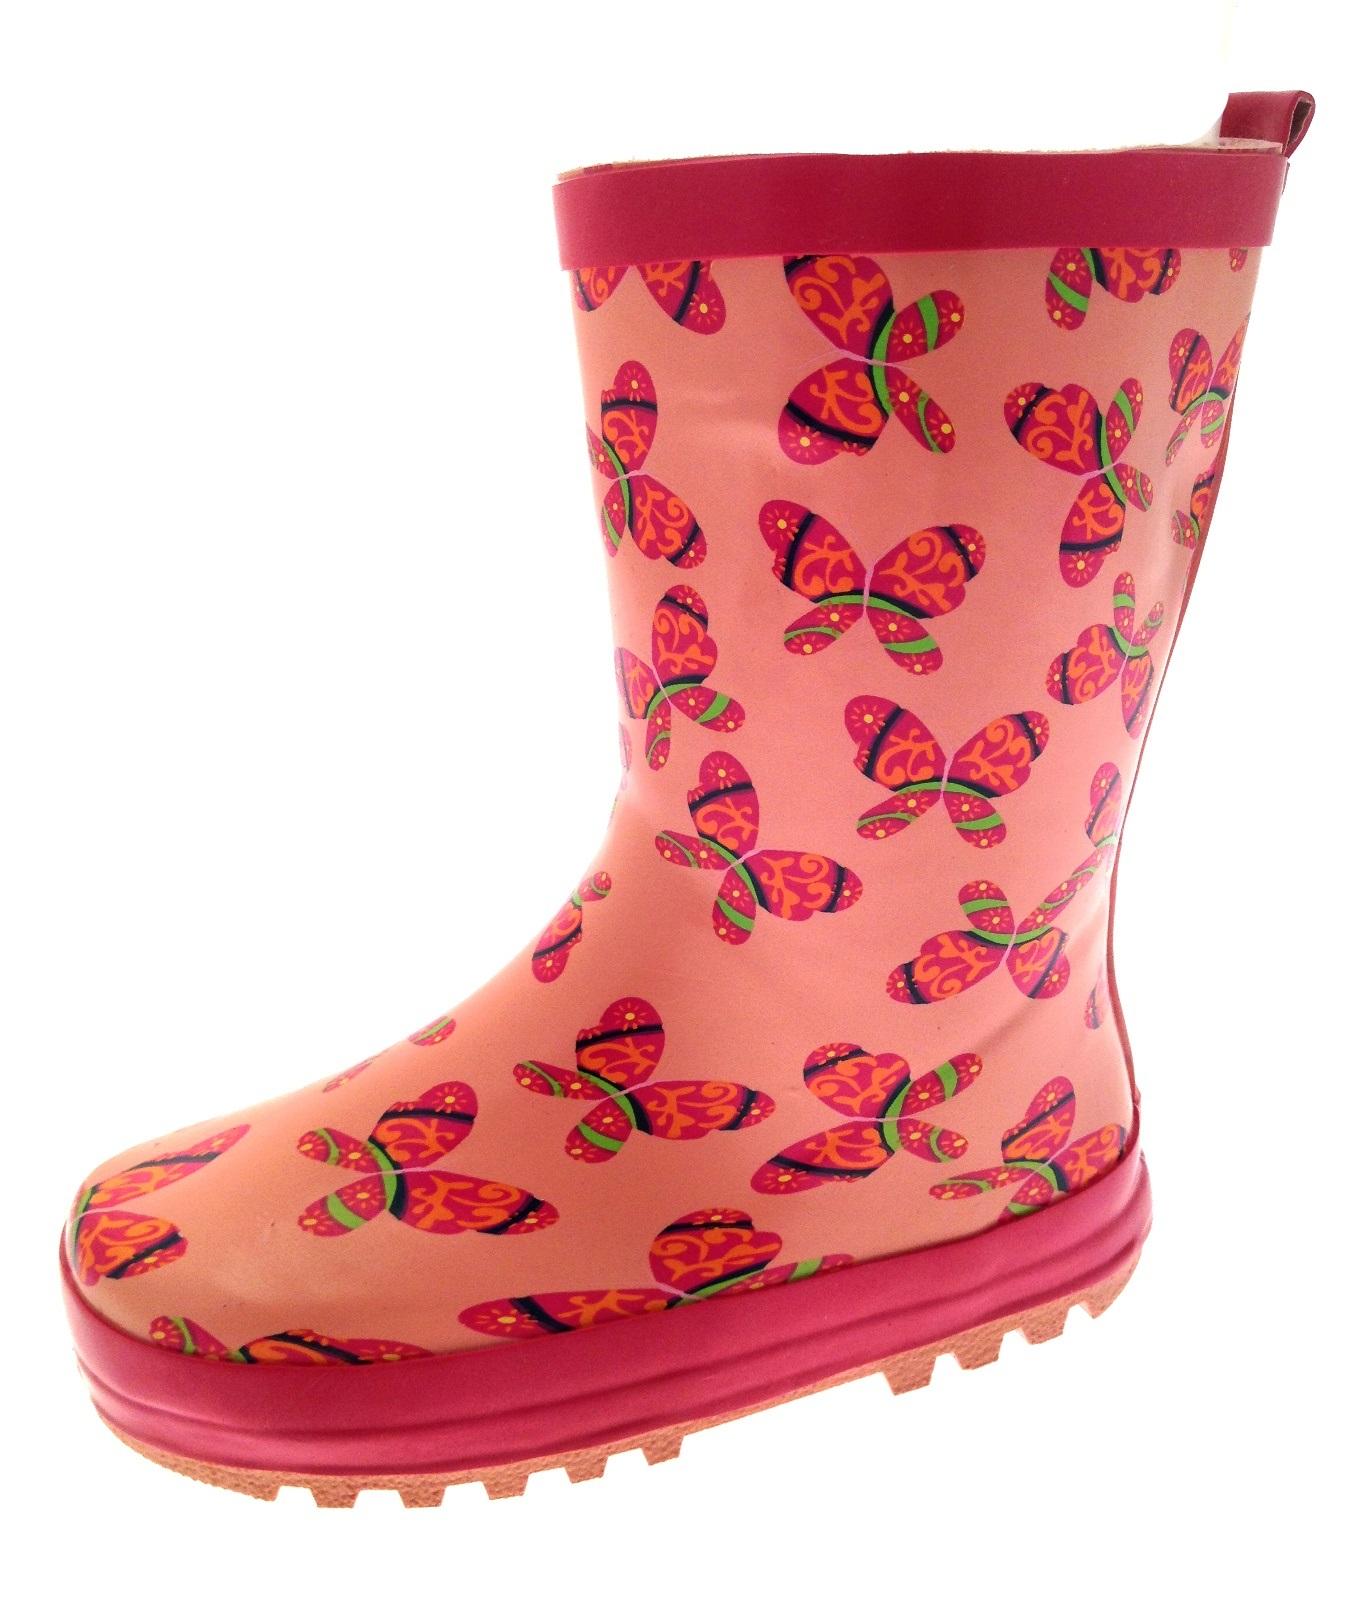 Kids Girls Rubber Rain Snow Boots Wellies Wellingtons